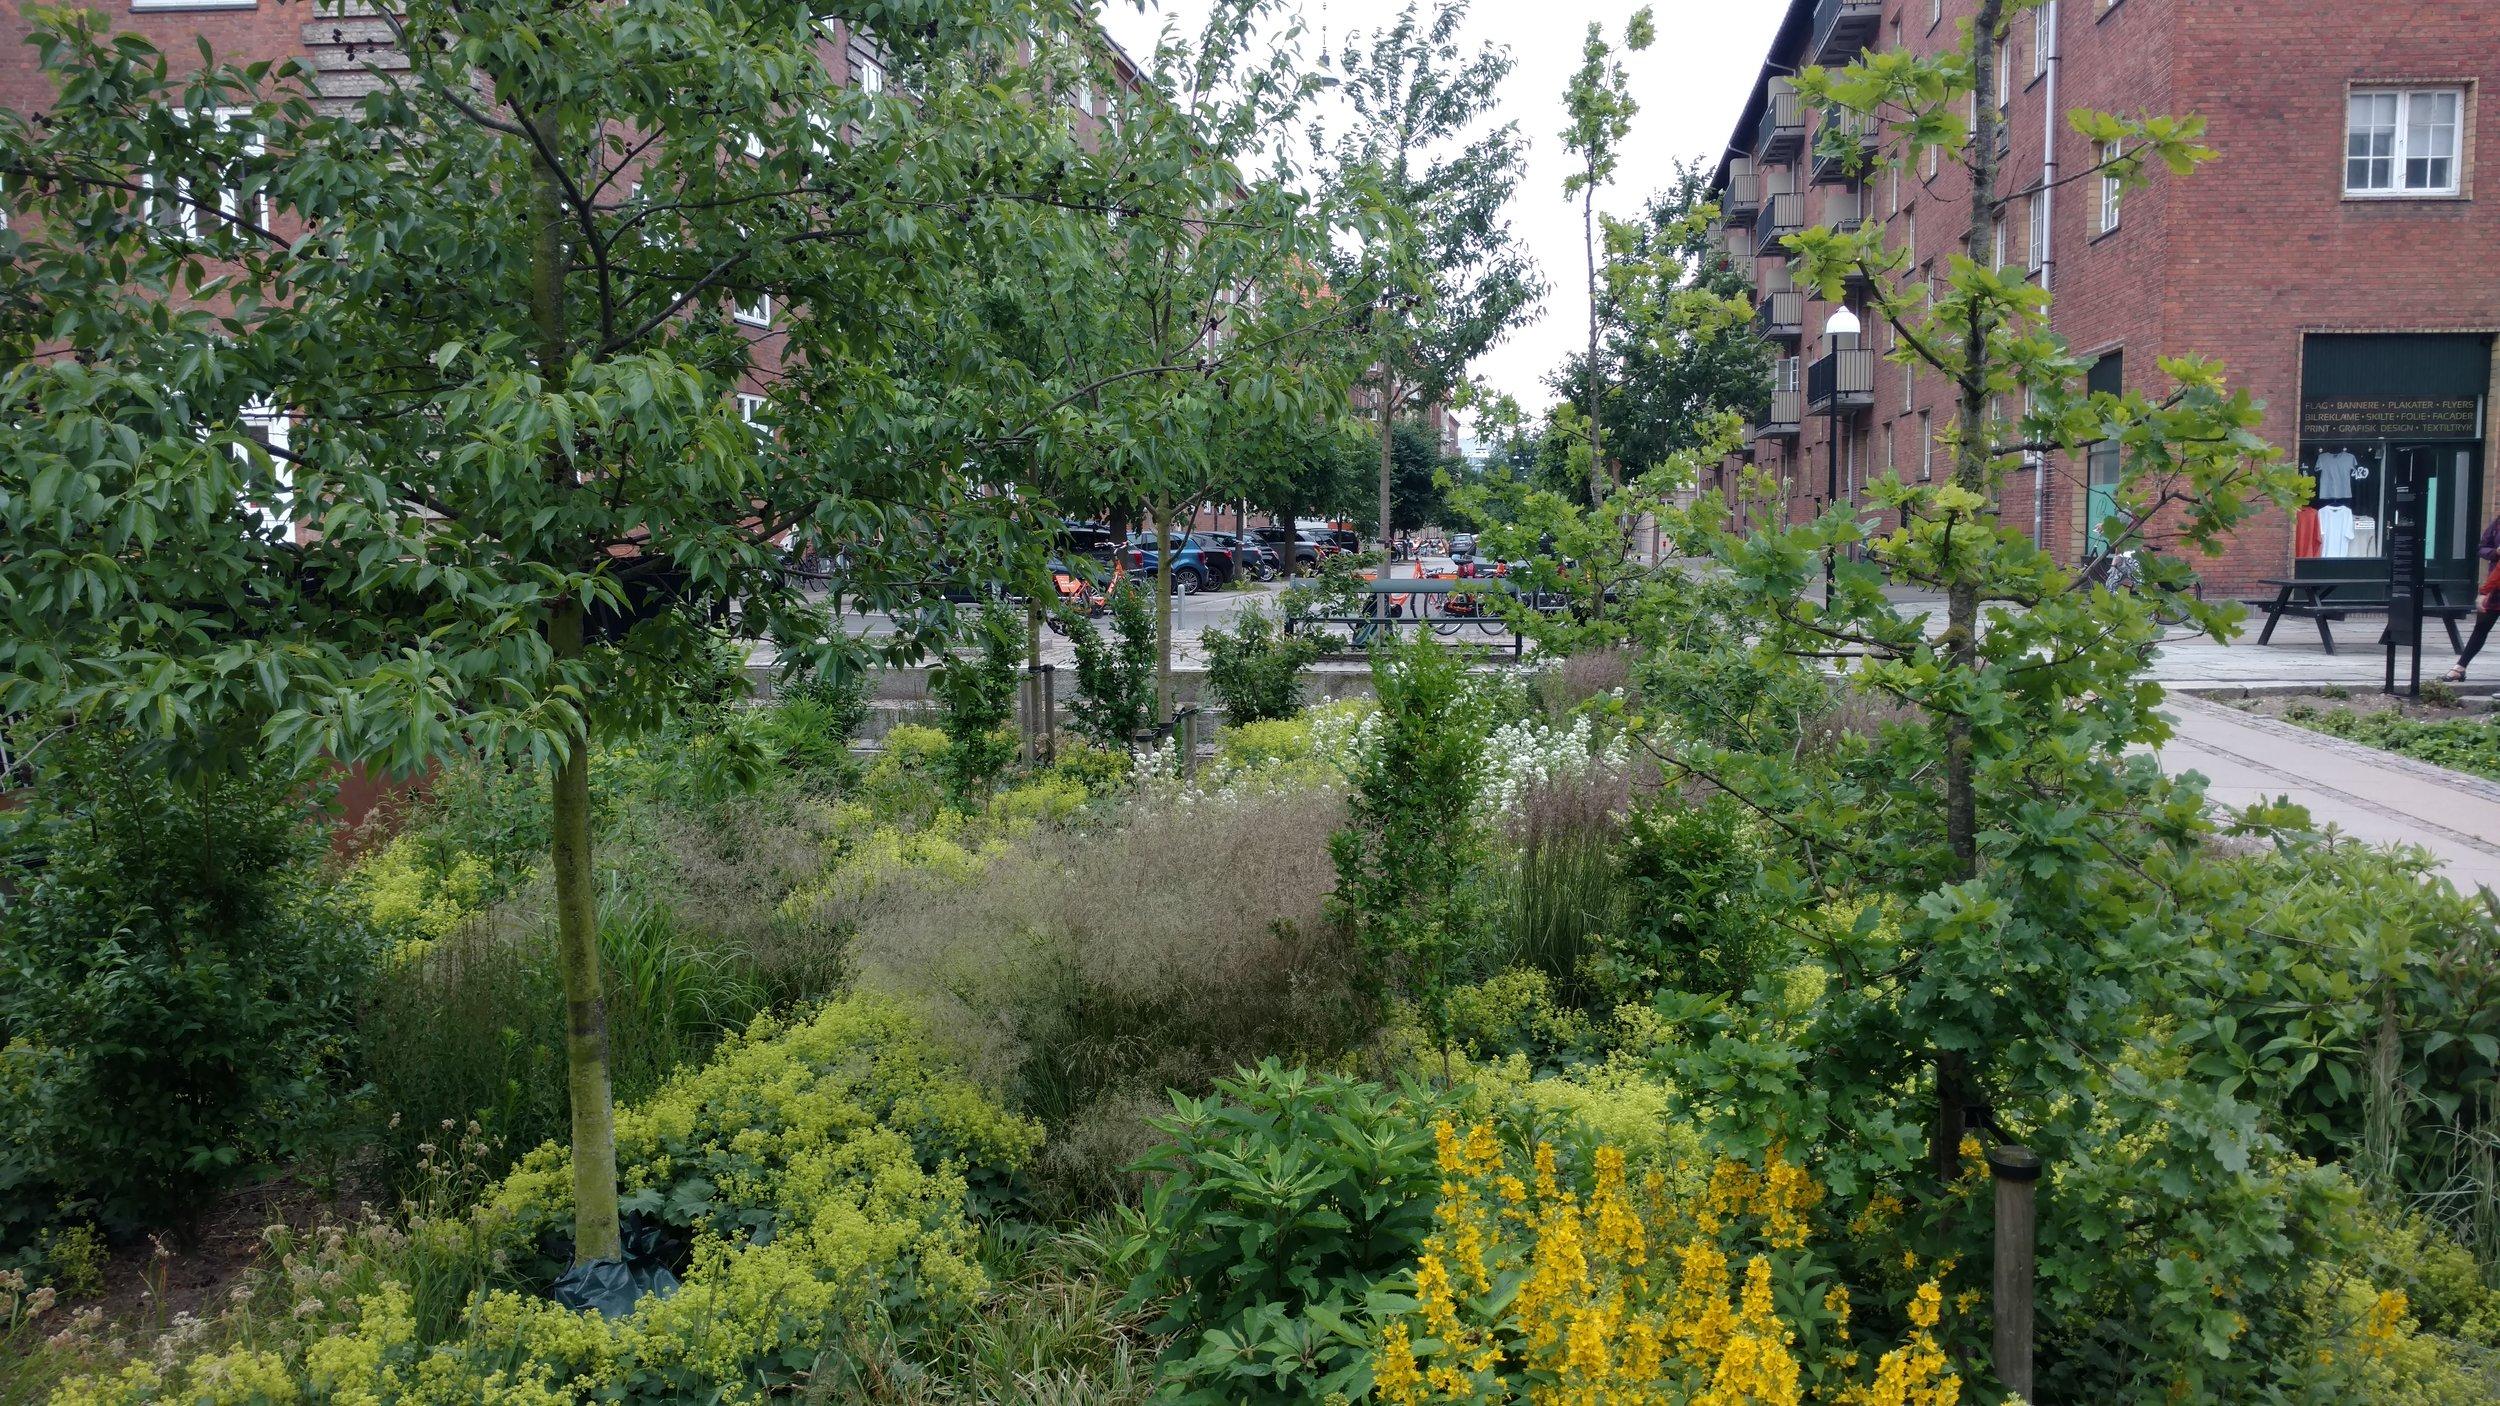 A parking lot became a stormwater garden